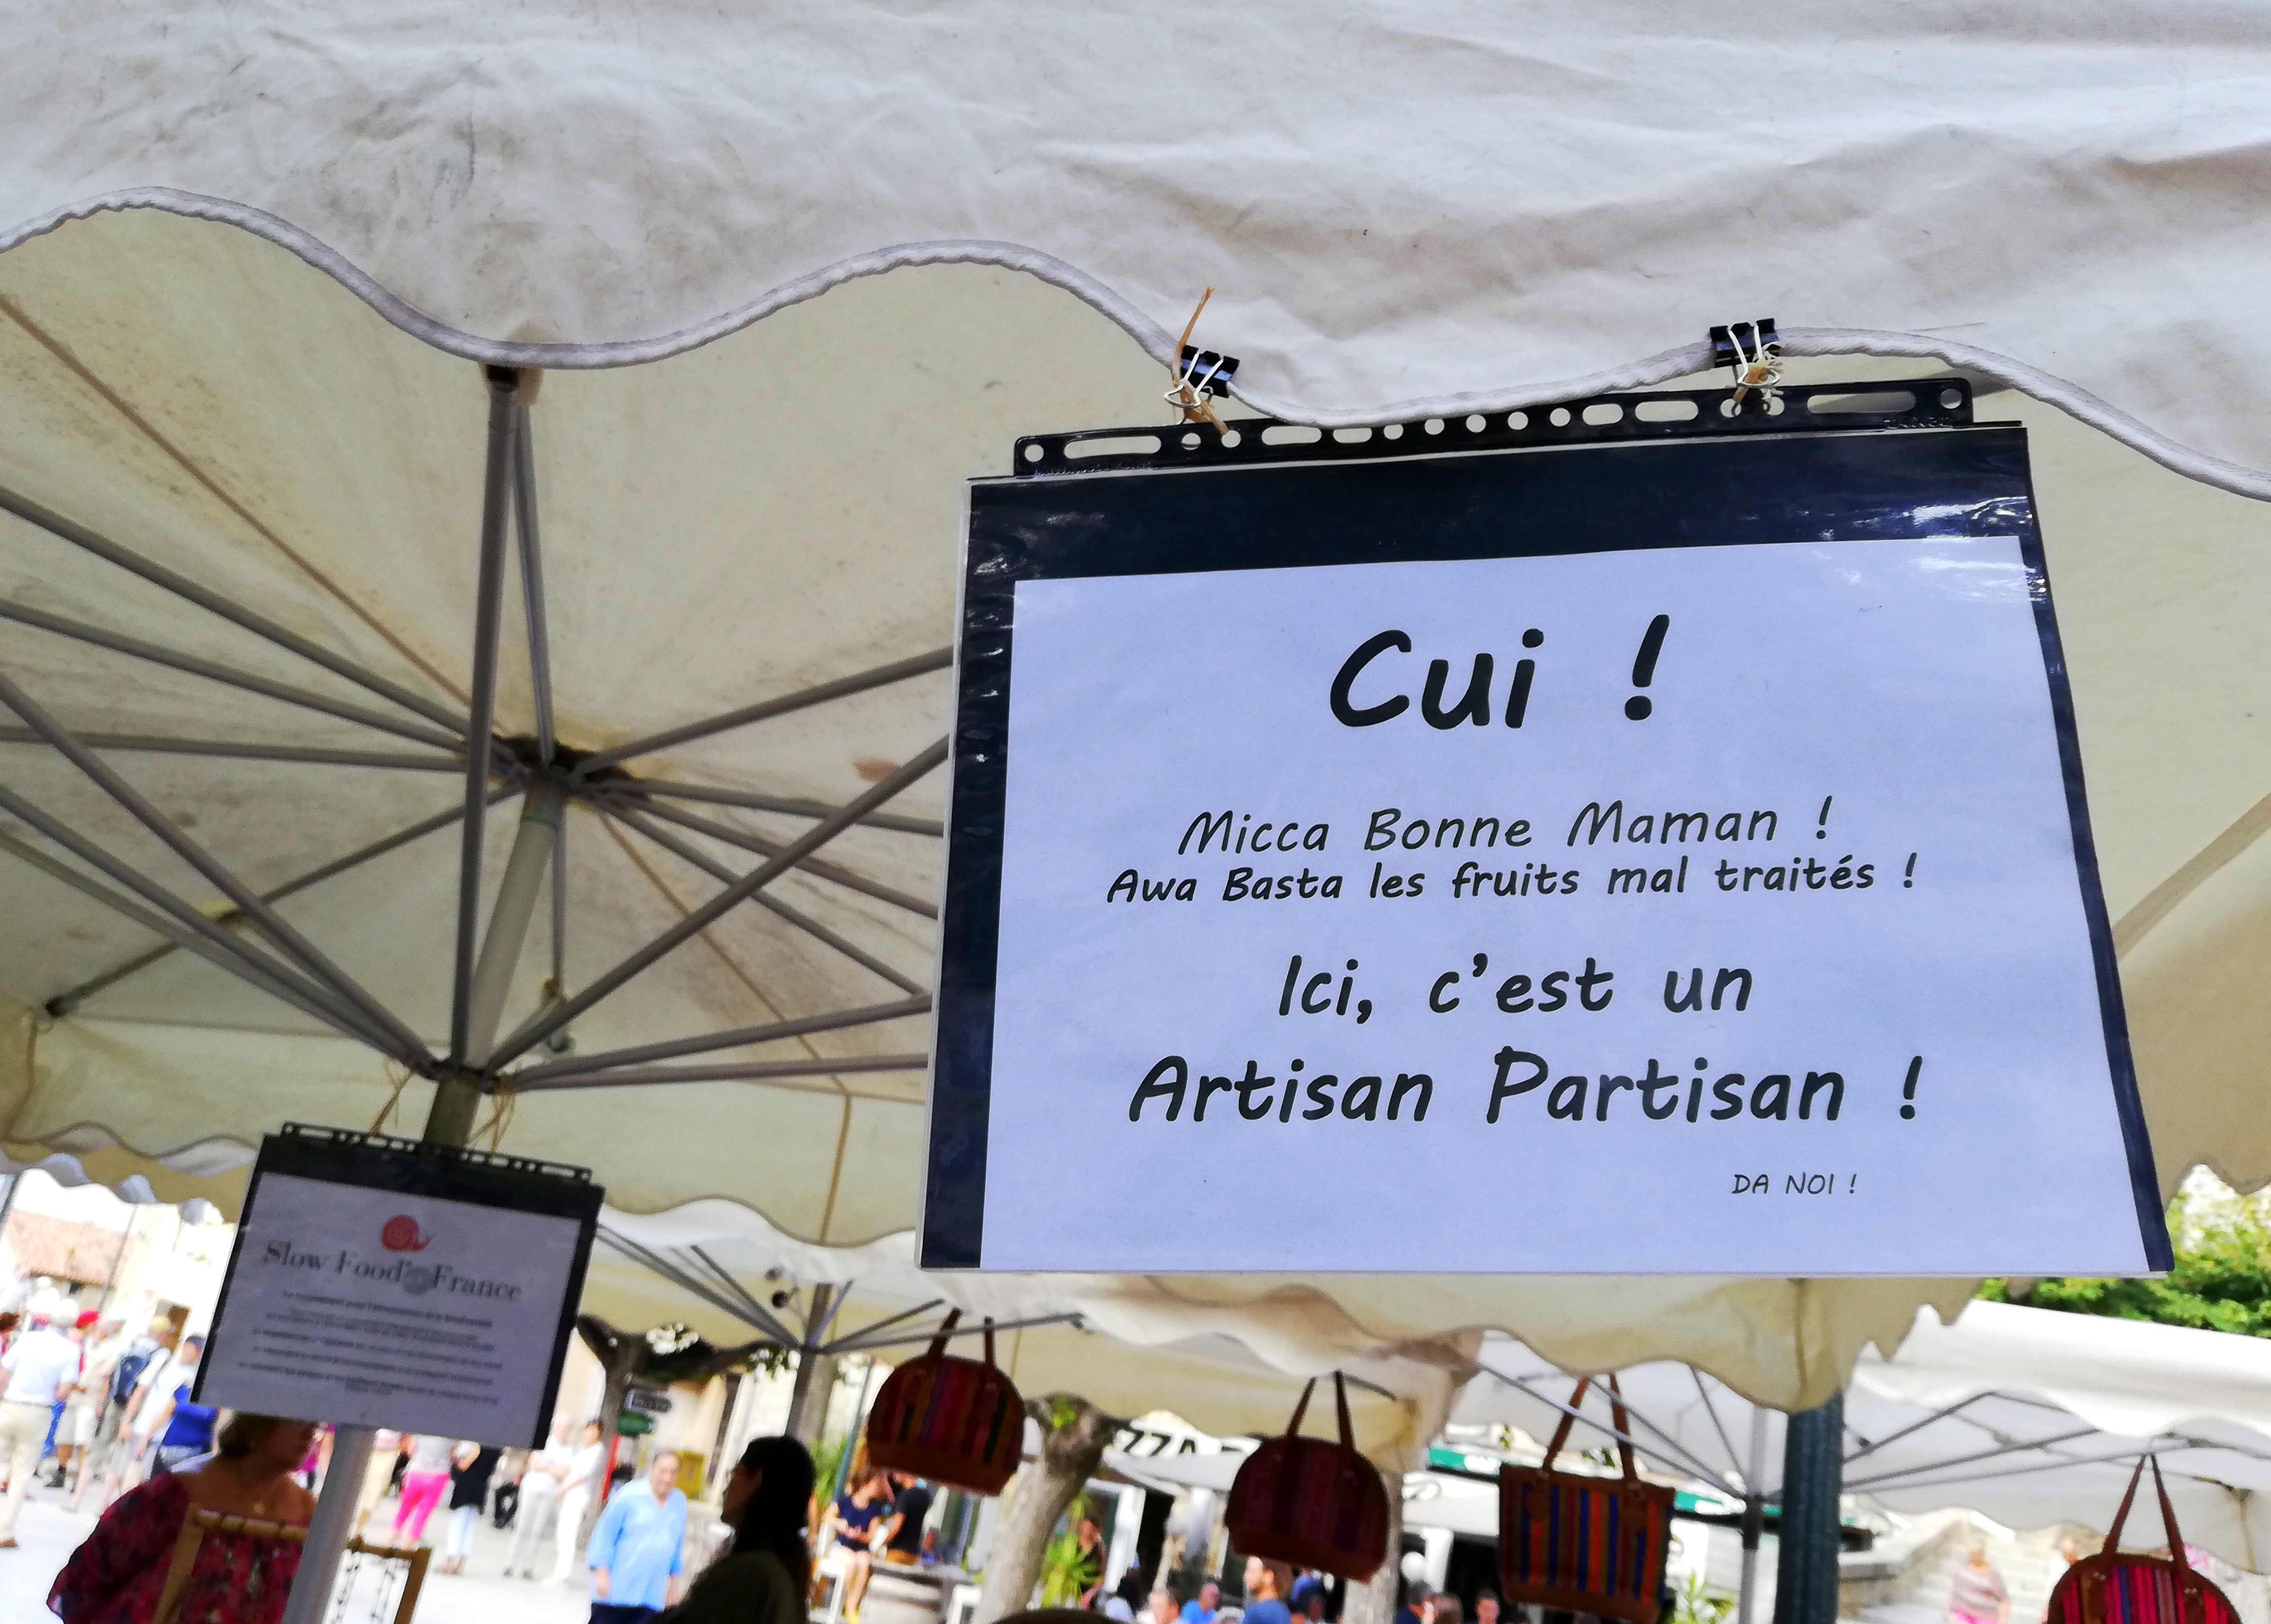 Affiche Slow Food pour consommer bon, propre et juste marché de Sartène Corse